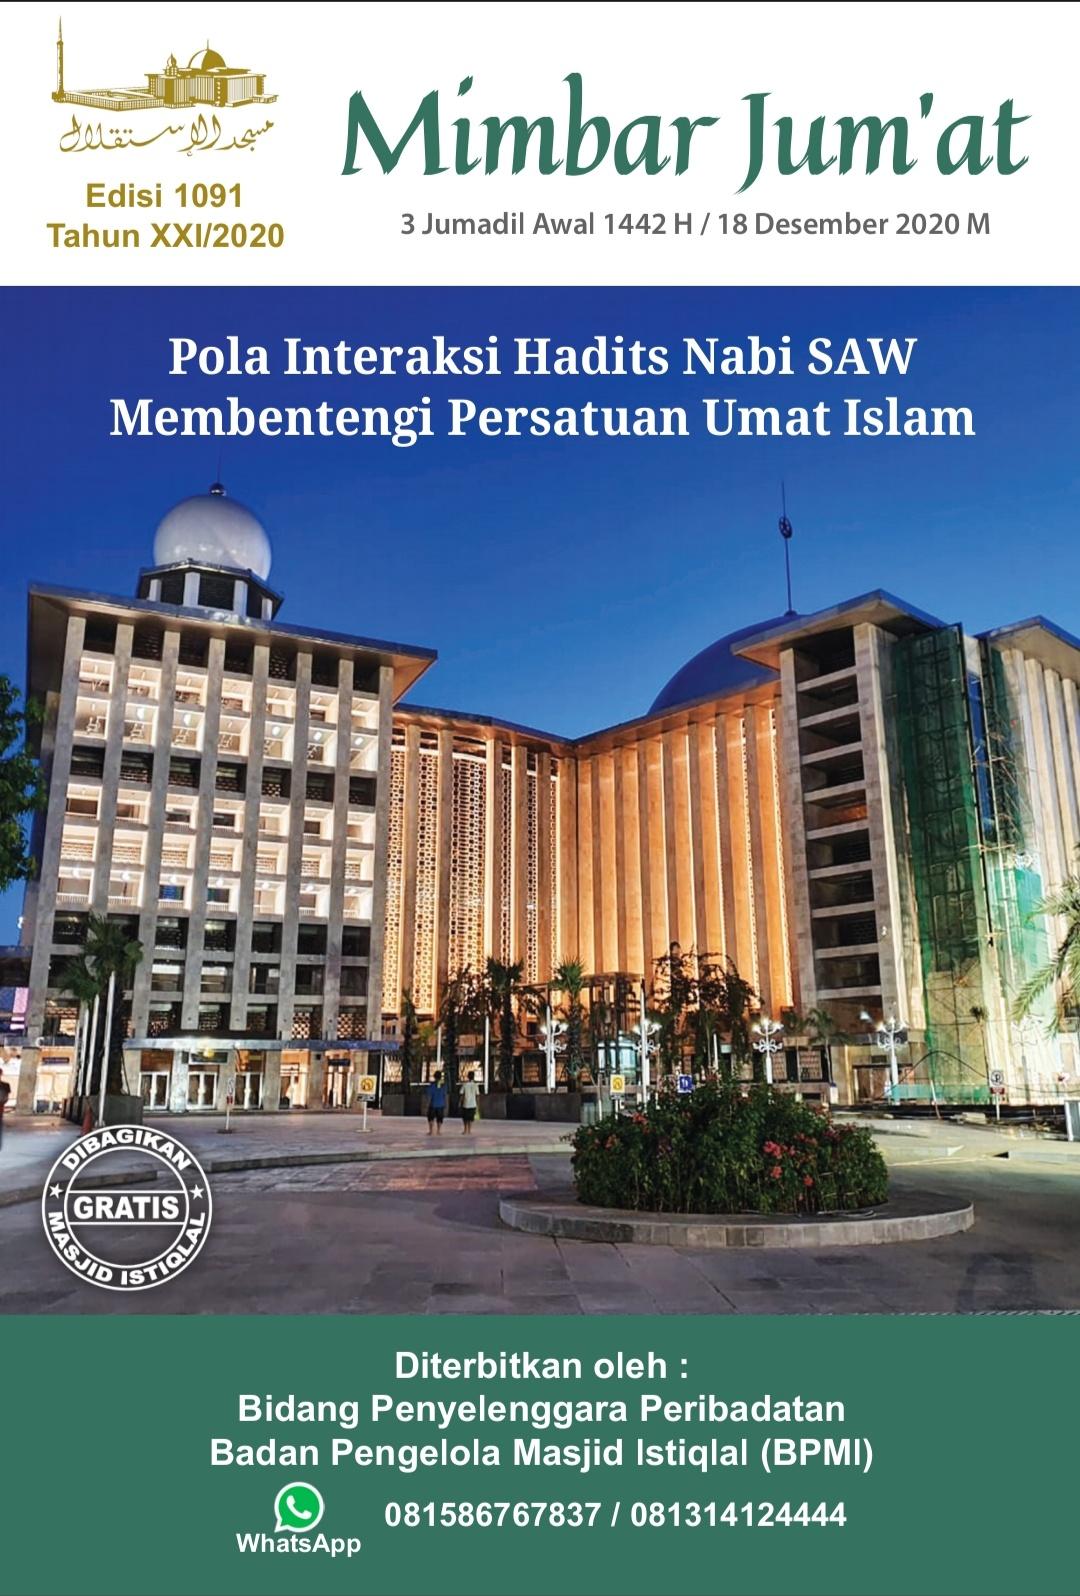 Pola interaksi hadis Nabi Muhammad SAW membentengi Persatuan Umat Islam